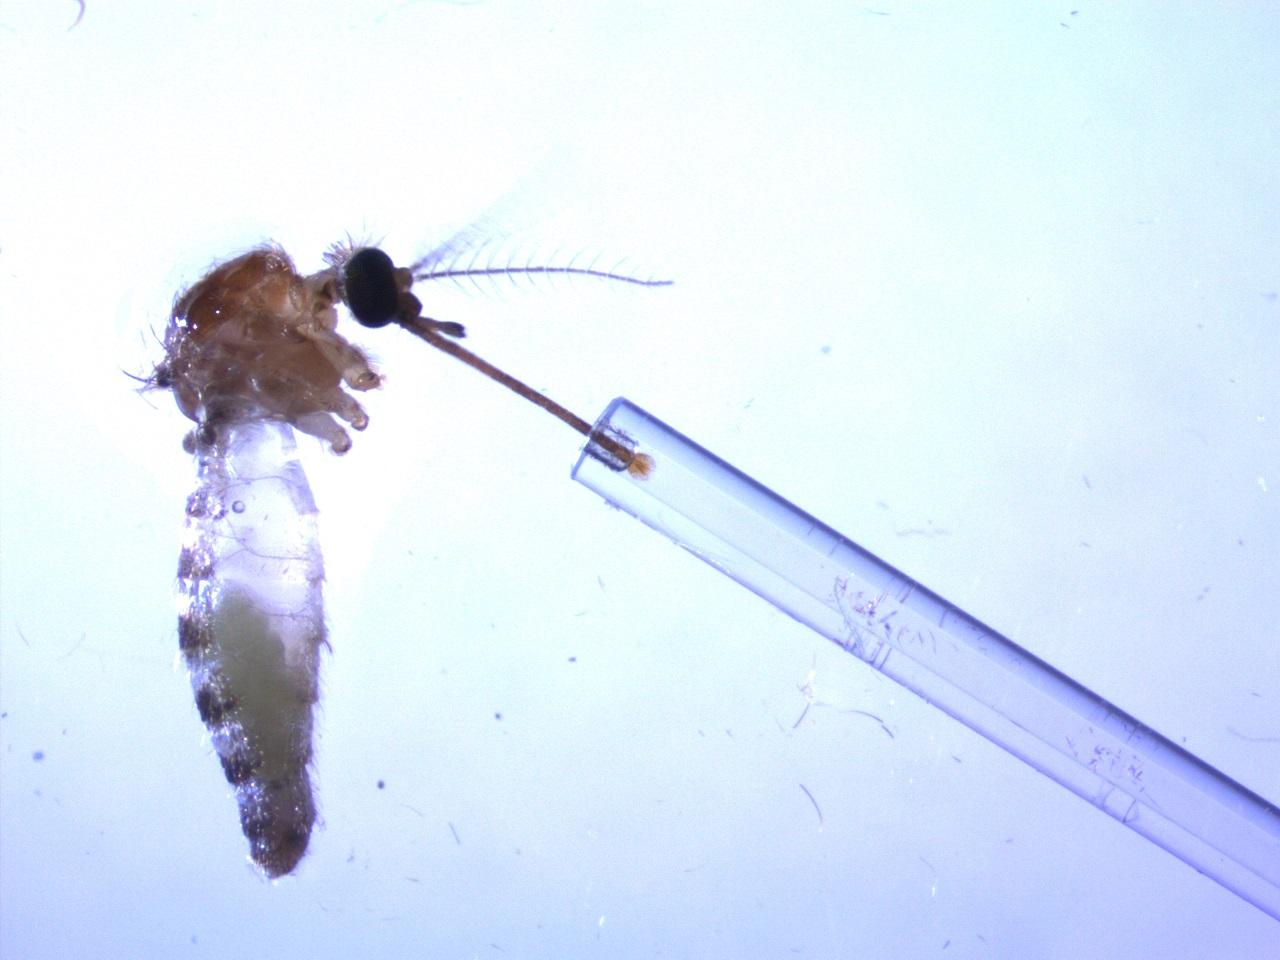 El olor de las aves infectadas por malaria atrae más a los mosquitos